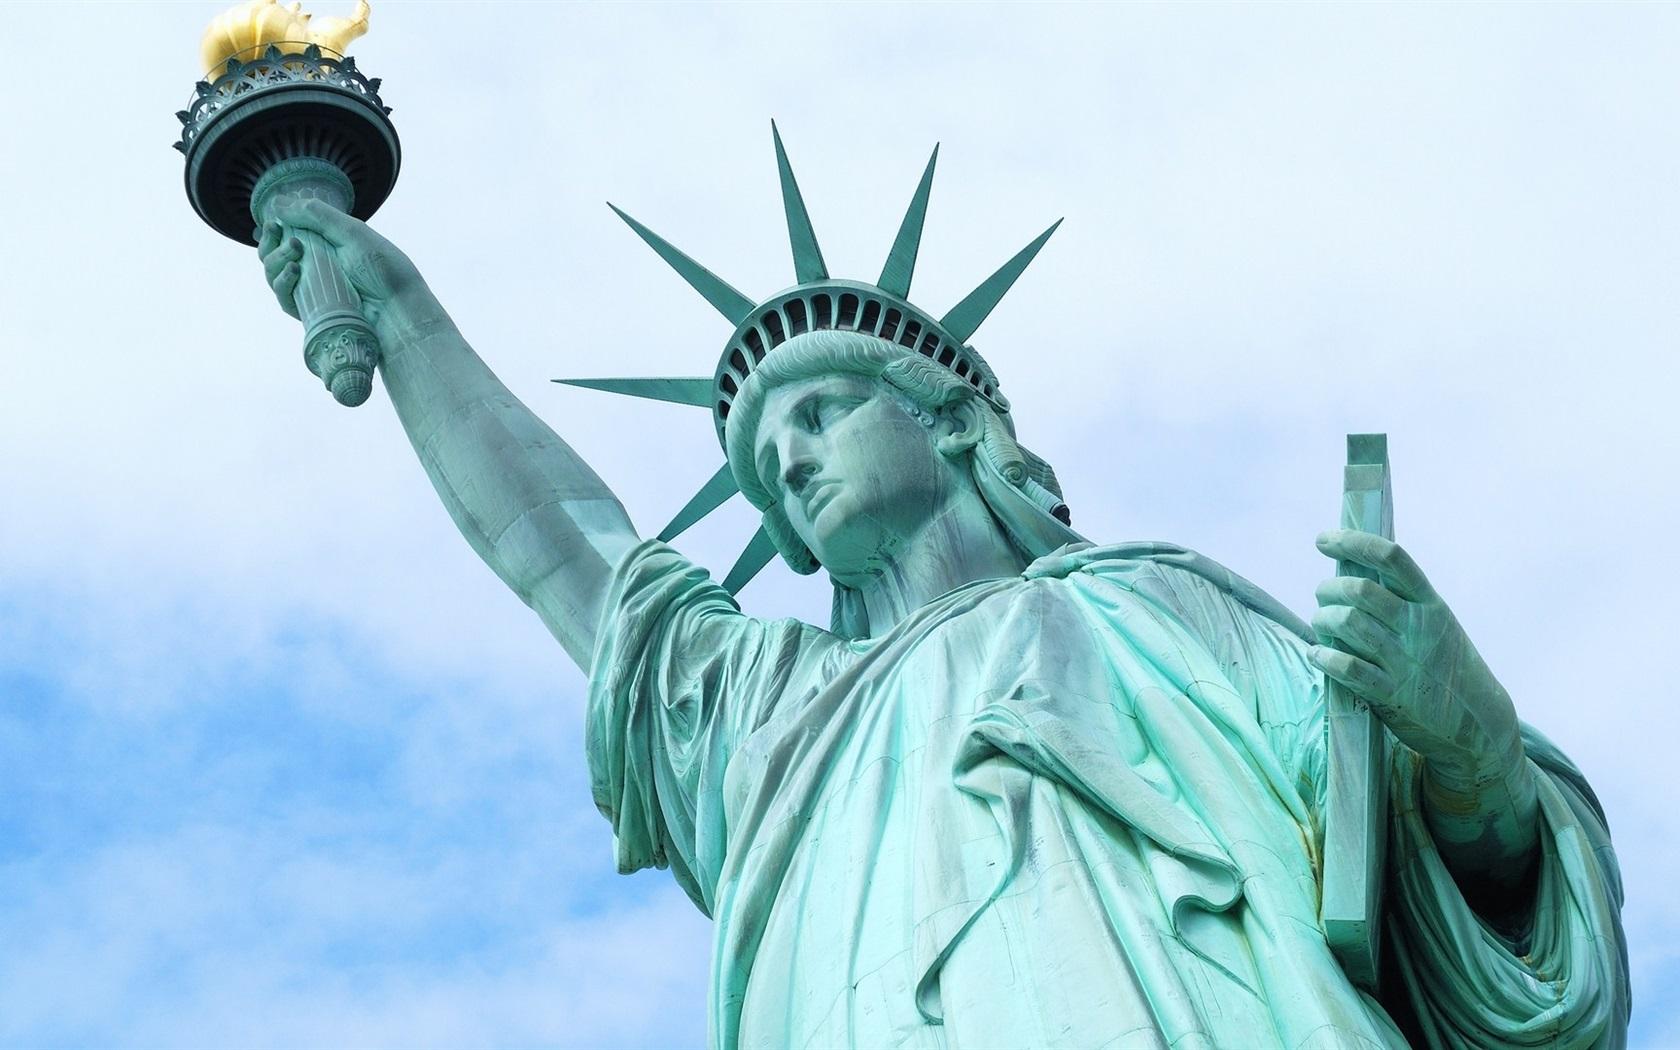 Hình ảnh tượng nữ thần tự do ở Mỹ